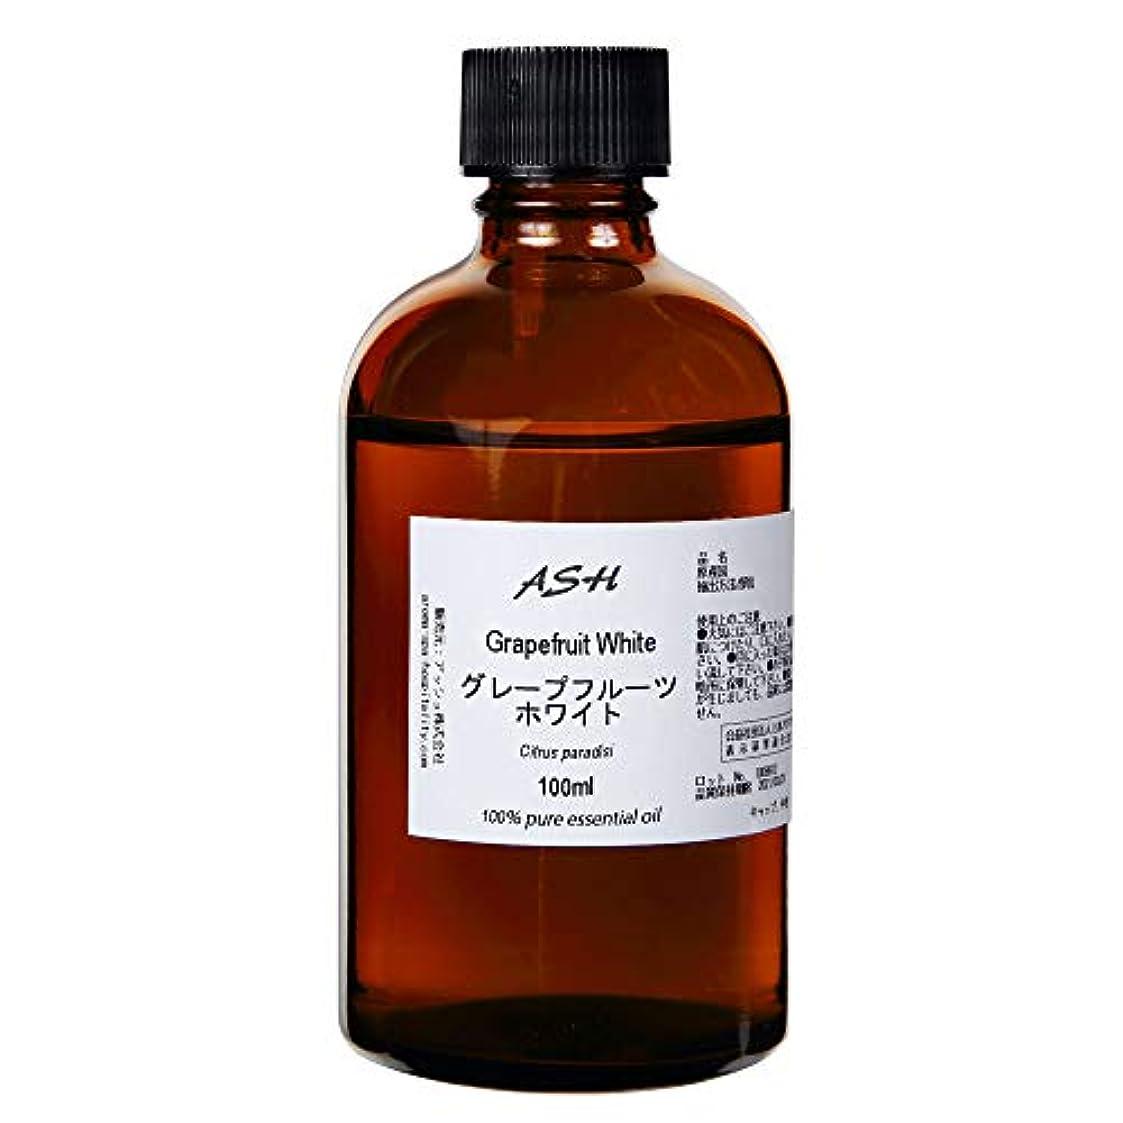 ブルプログレッシブ悪質なASH グレープフルーツホワイト エッセンシャルオイル 100ml AEAJ表示基準適合認定精油